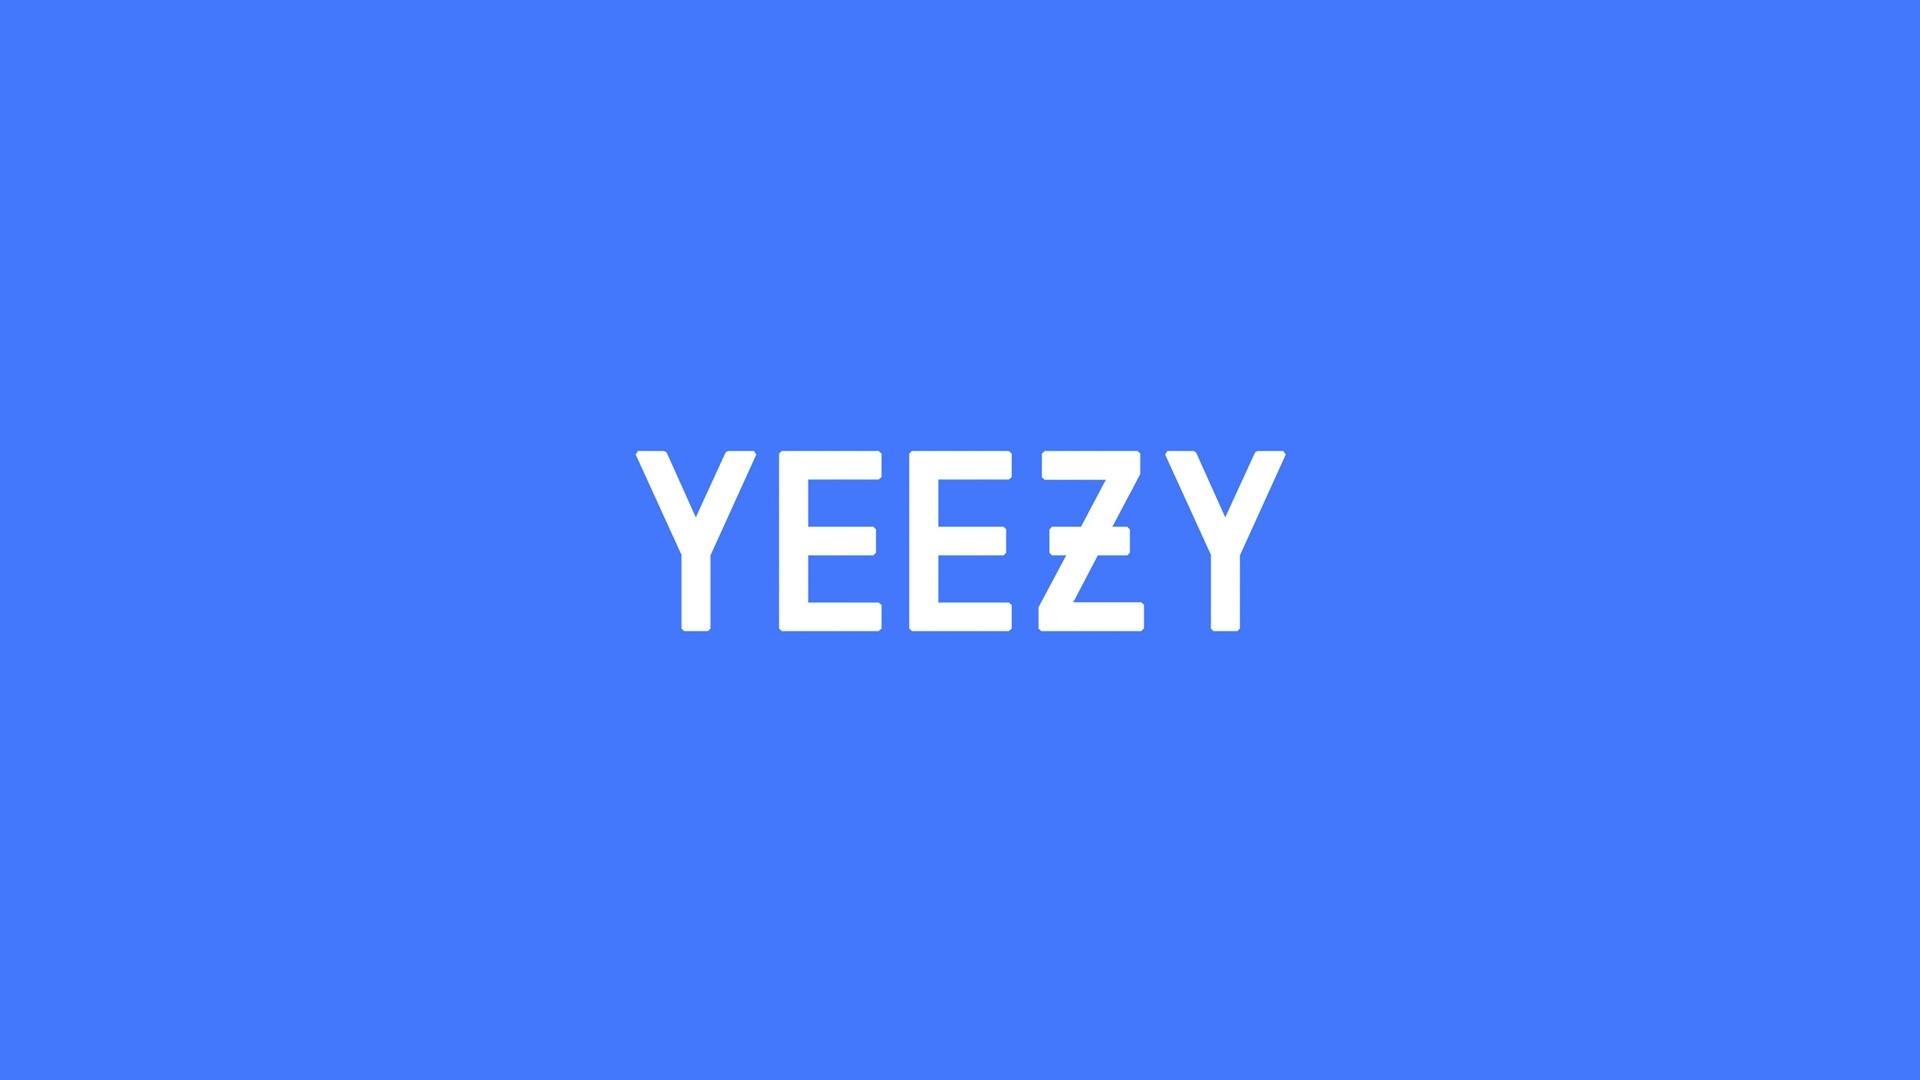 Yeezy Desktop wallpaper